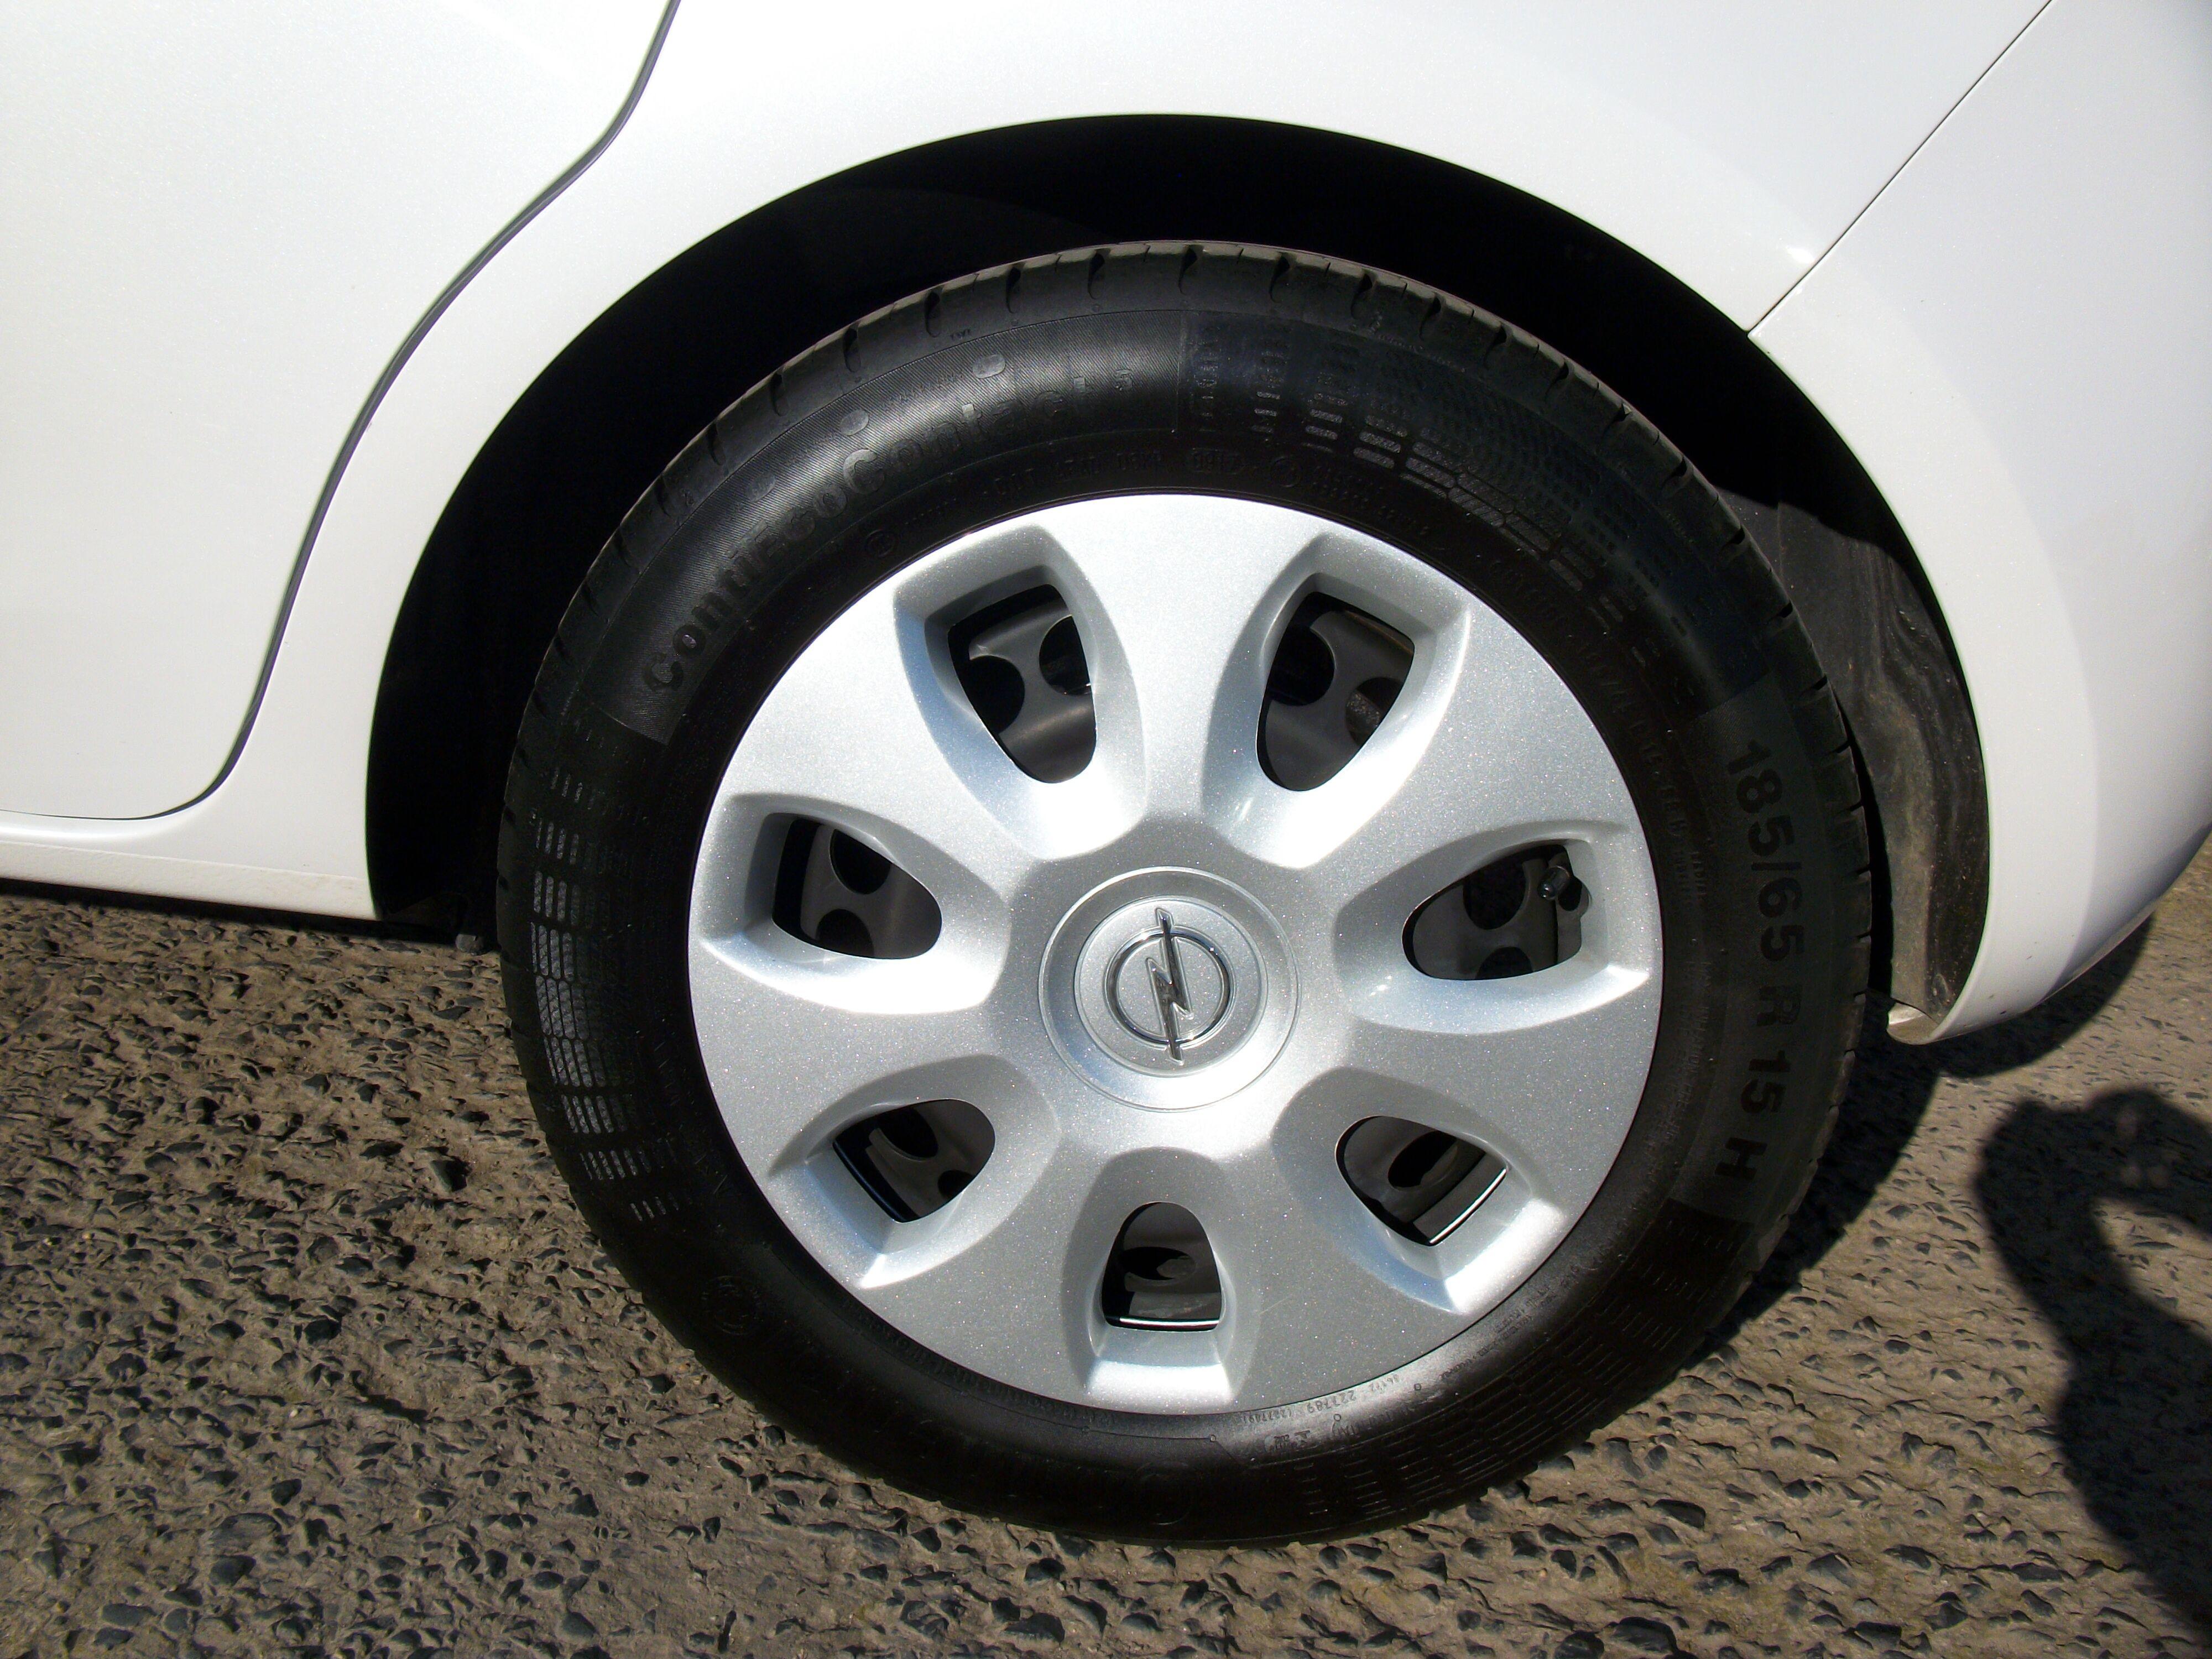 Opel Corsa CORSA E 1.2 Benz. - 5 deur 3/15